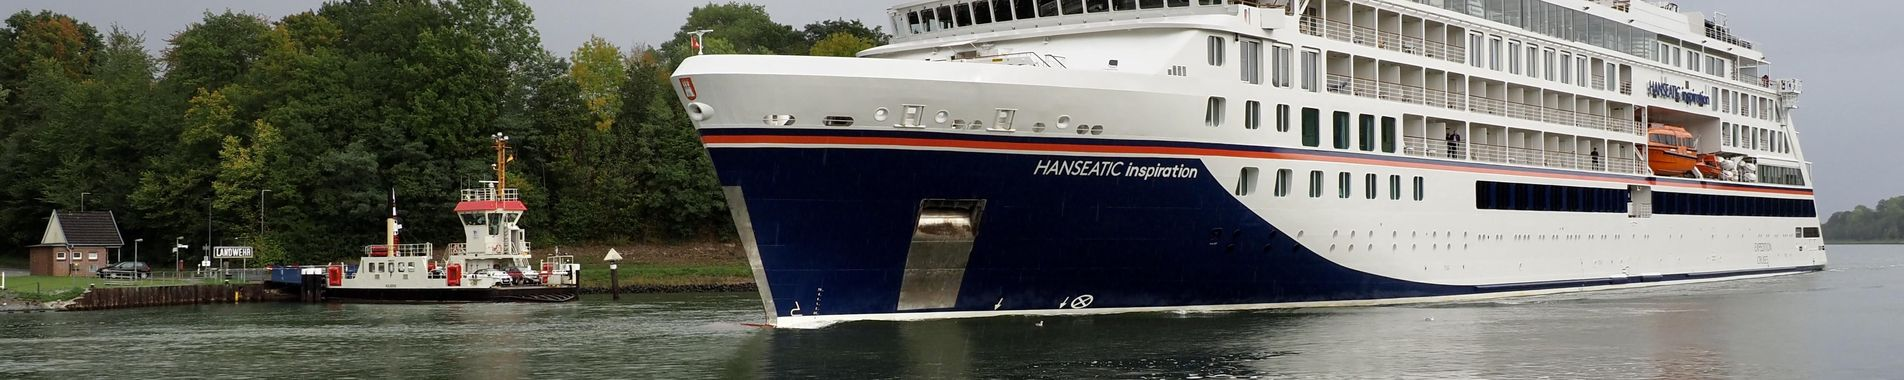 Kreuzfahrtschiff an der Fähre Landwehr